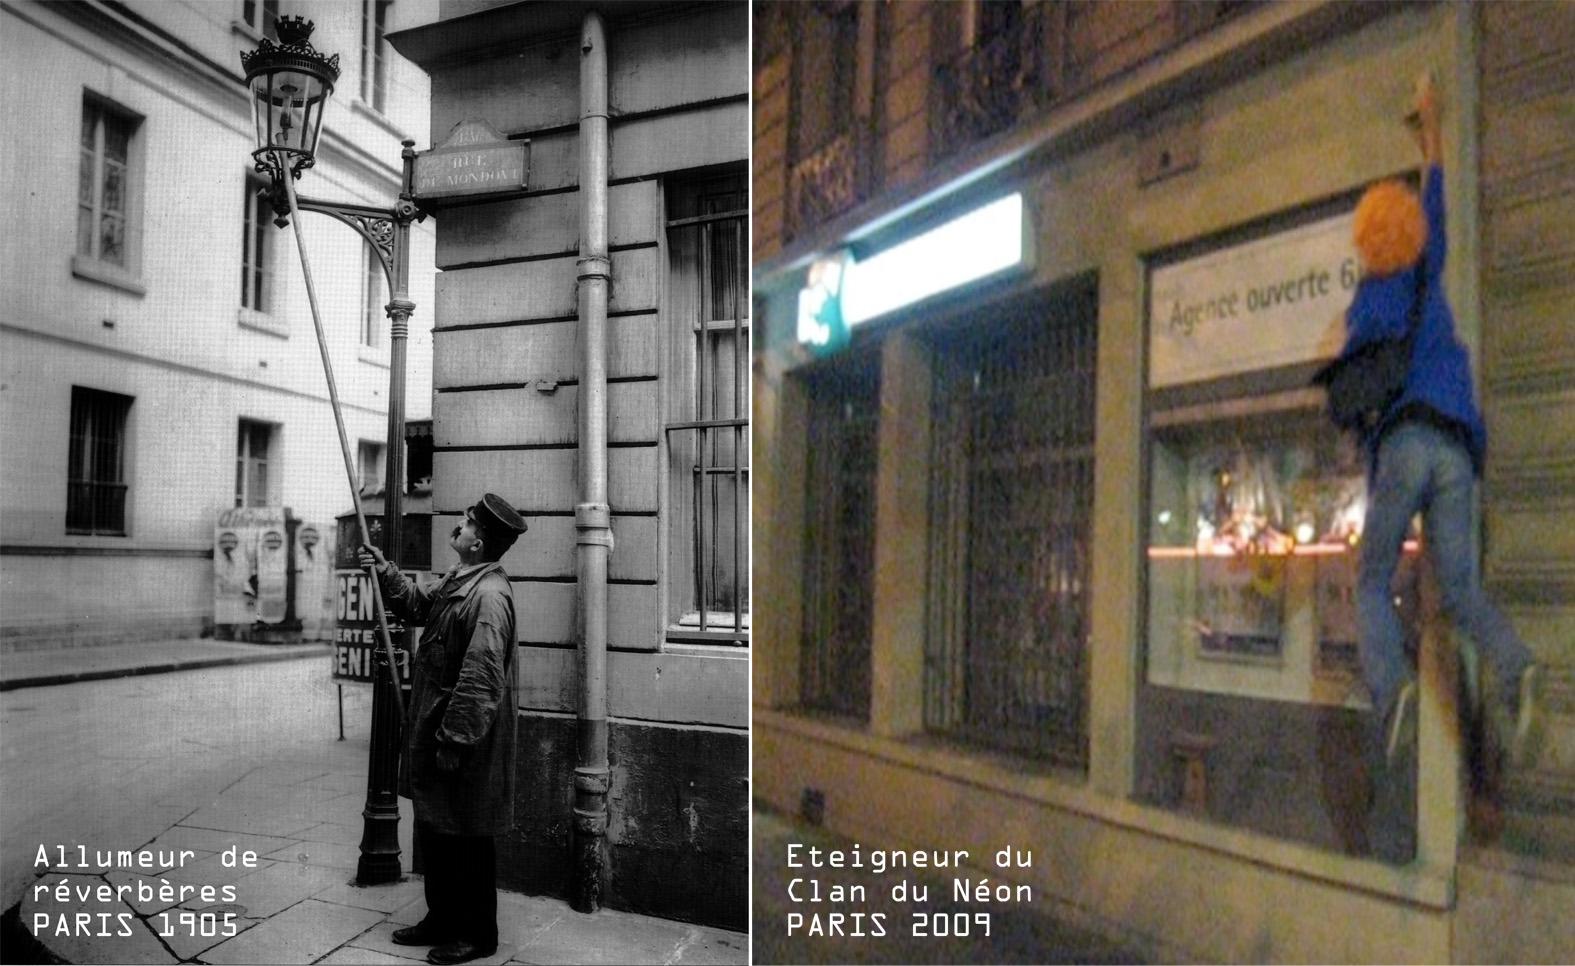 Contestation de l'éclairage artificiel des villes.« Clin d'œil historique » [5], ou l'émergence de nouvelles formes de contestation de l'éclairage artificiel des villes. Image : clanduneon.over-blog.com.